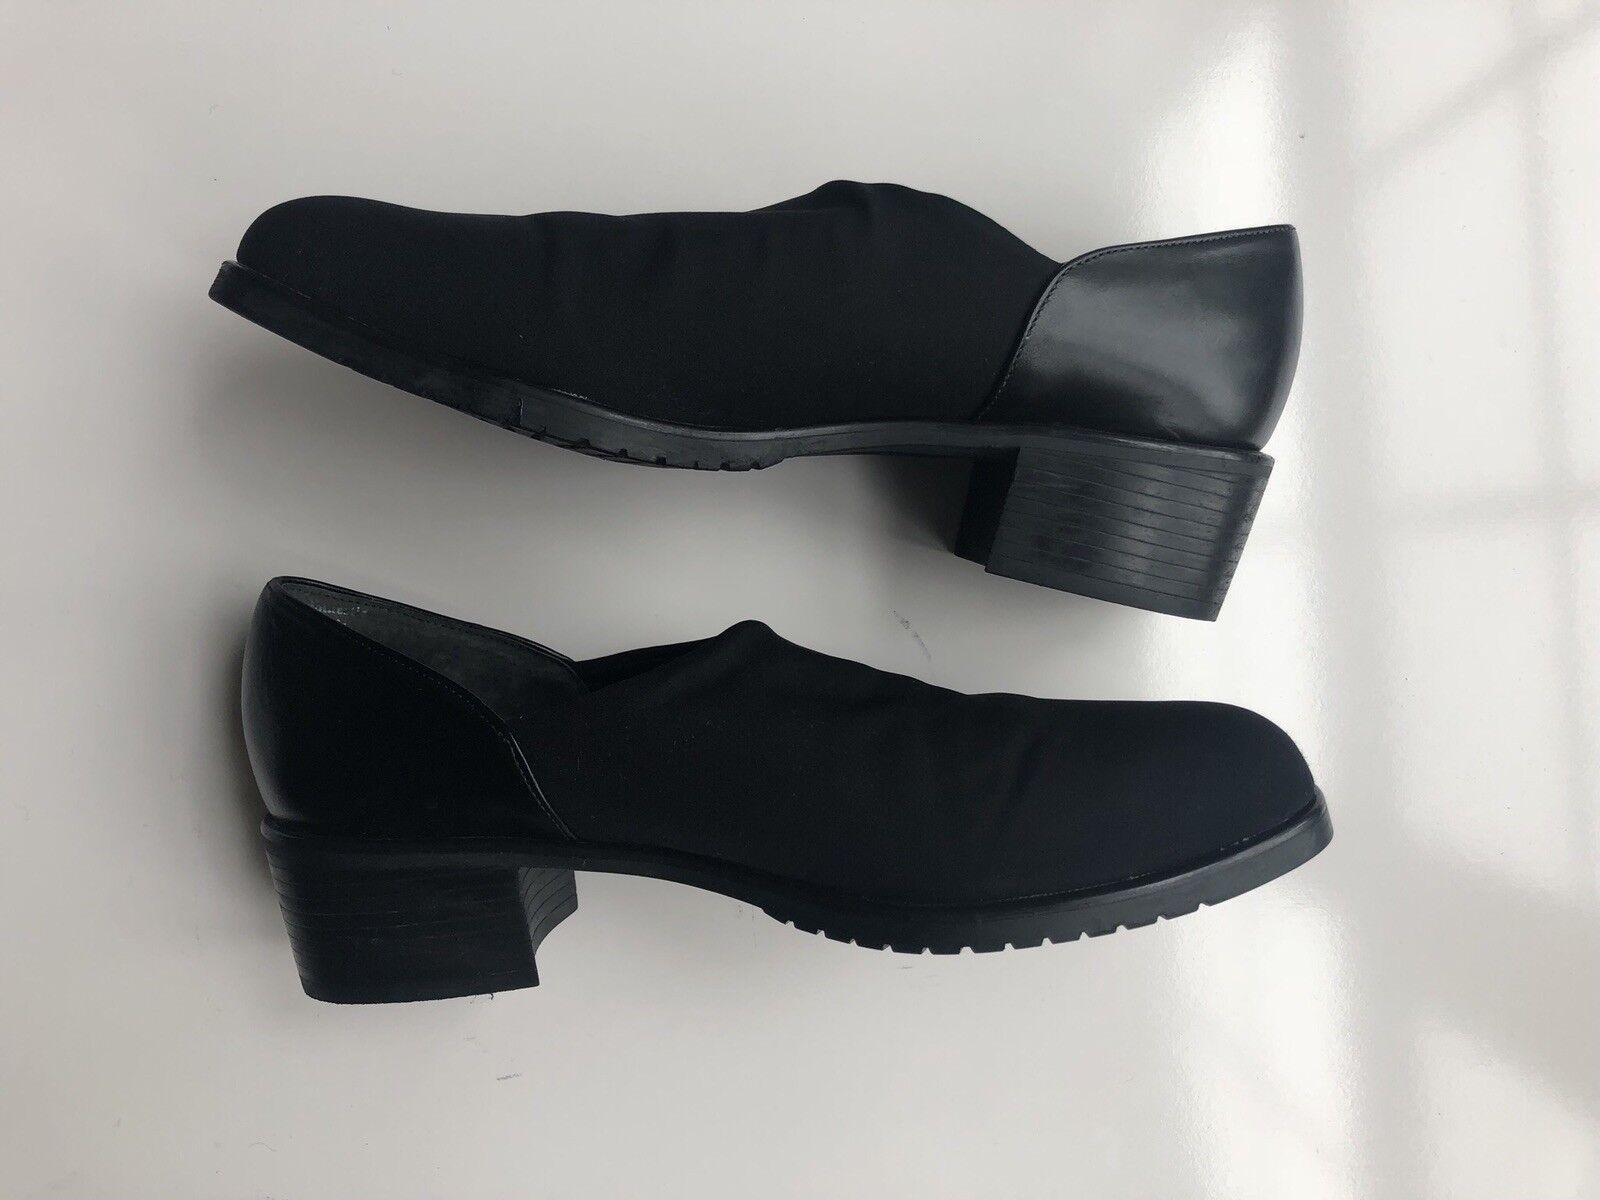 Black Munro Billie Pump shoes Loafer Women Size 7N 7N 7N 62ae63